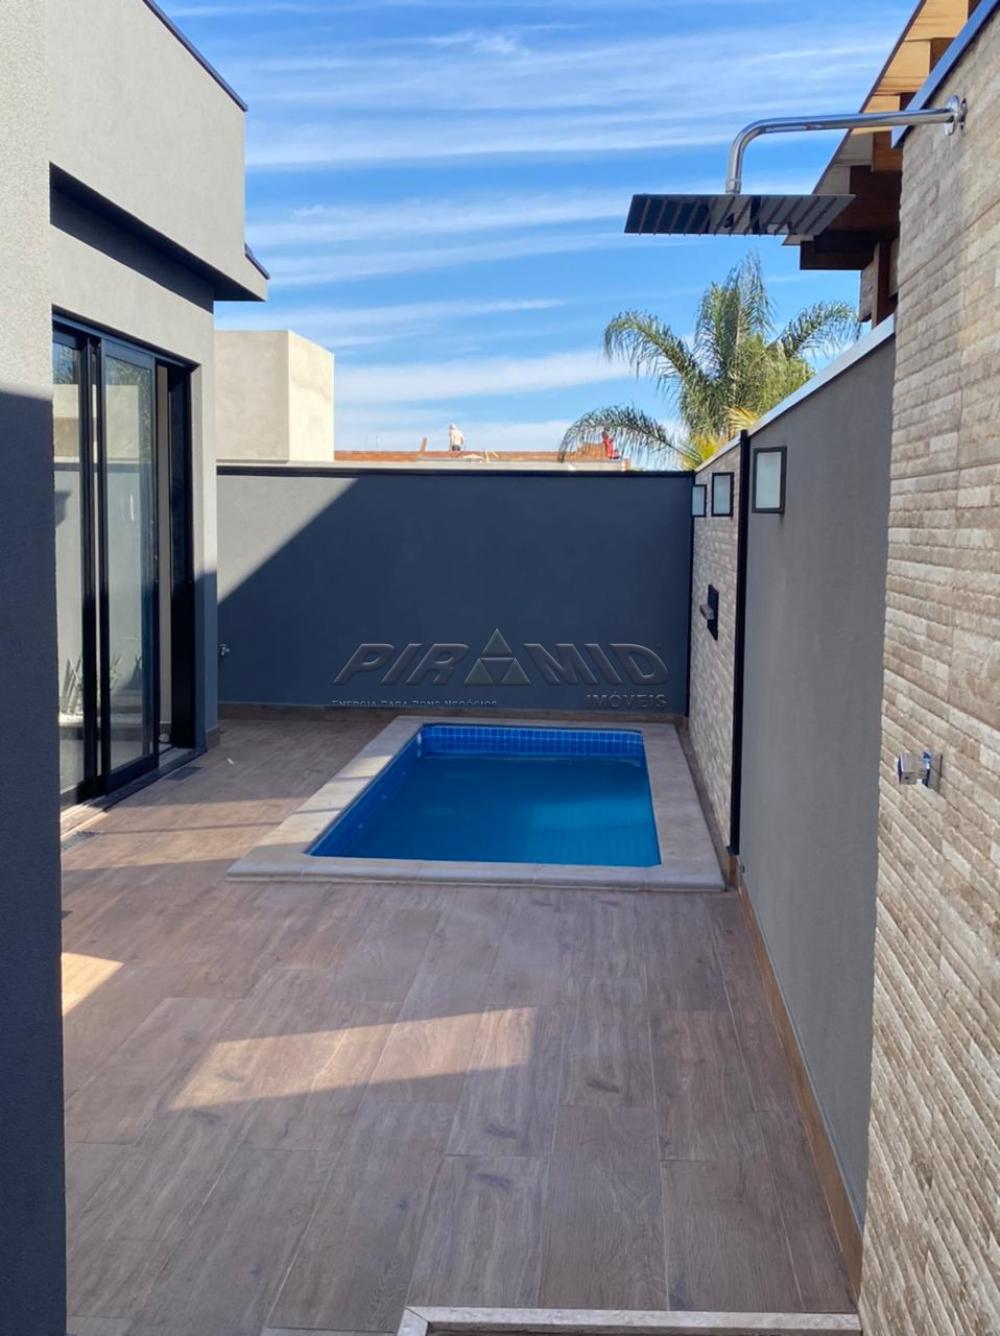 Comprar Casa / Condomínio em Ribeirão Preto R$ 1.200.000,00 - Foto 14